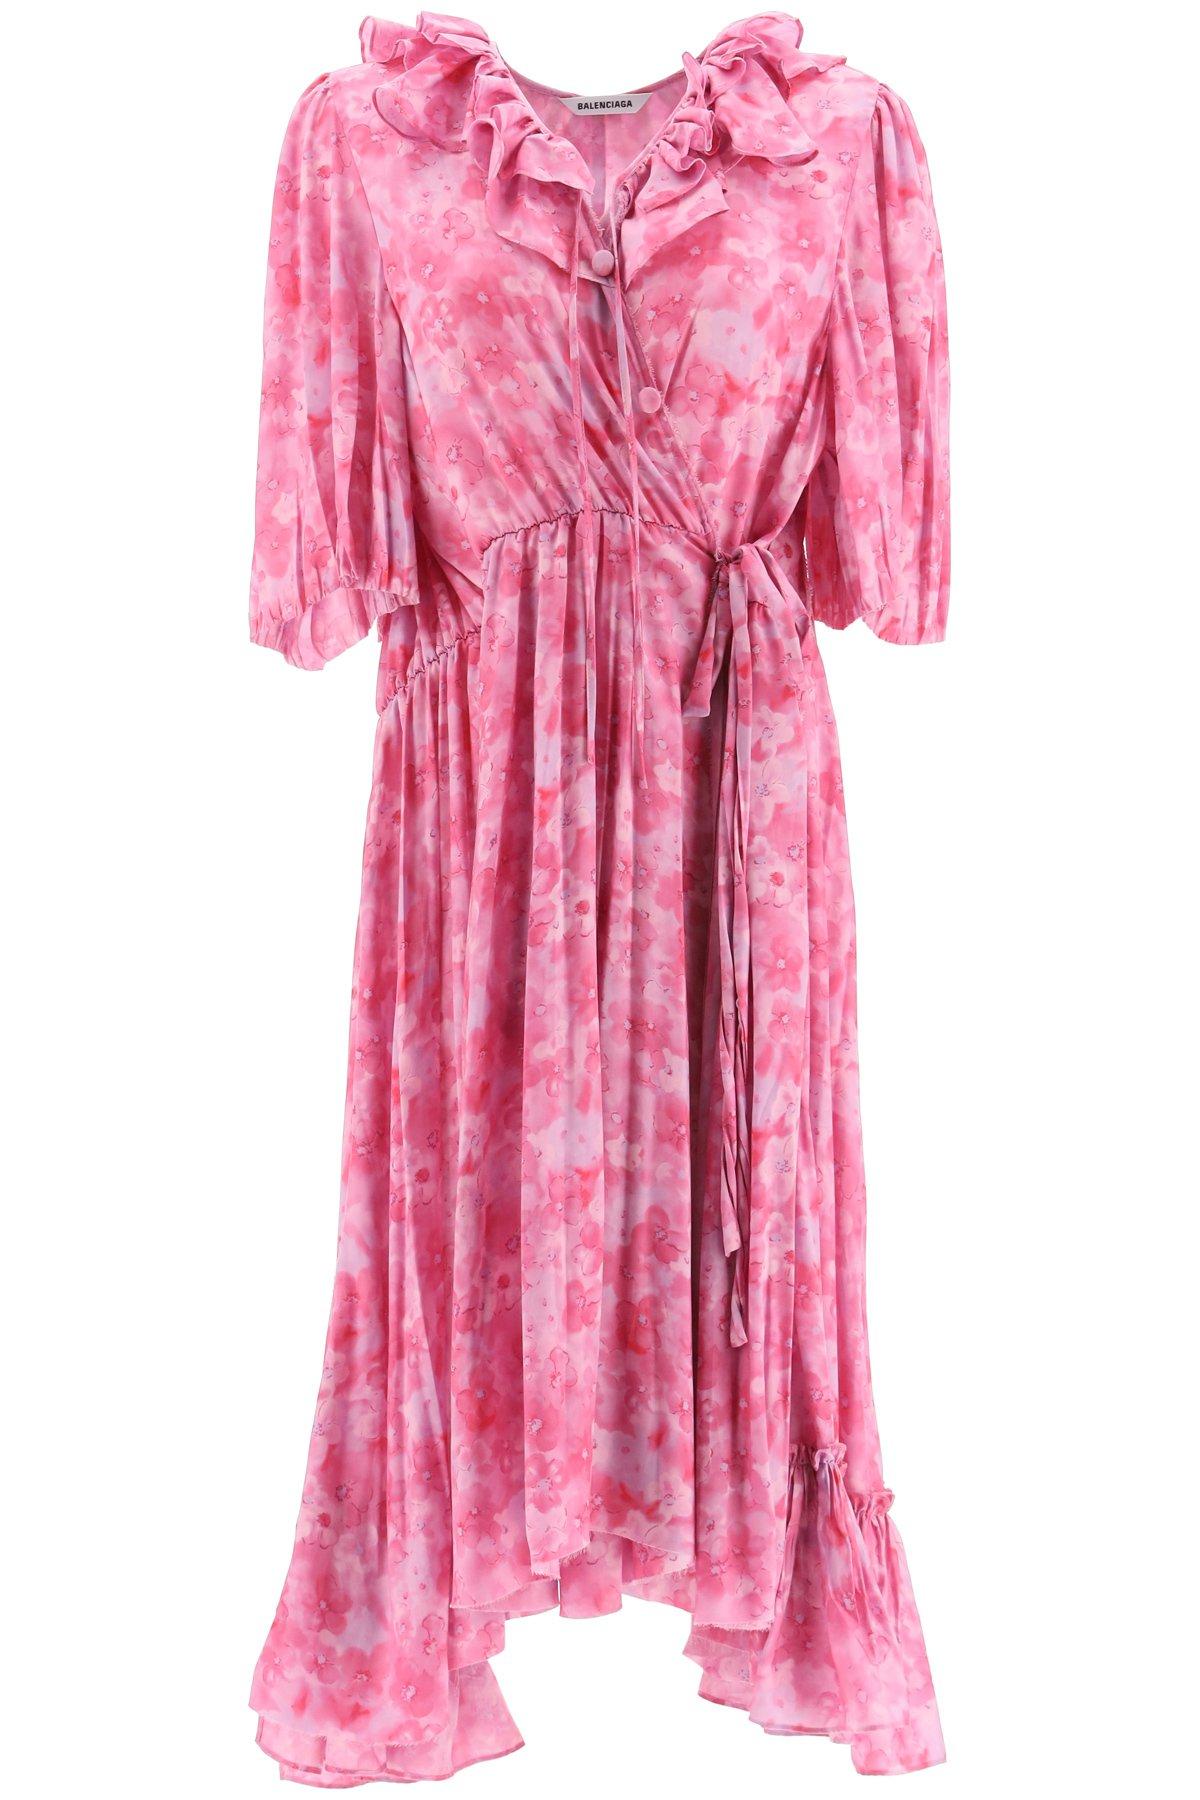 Balenciaga abito midi stampa pansy acquerello